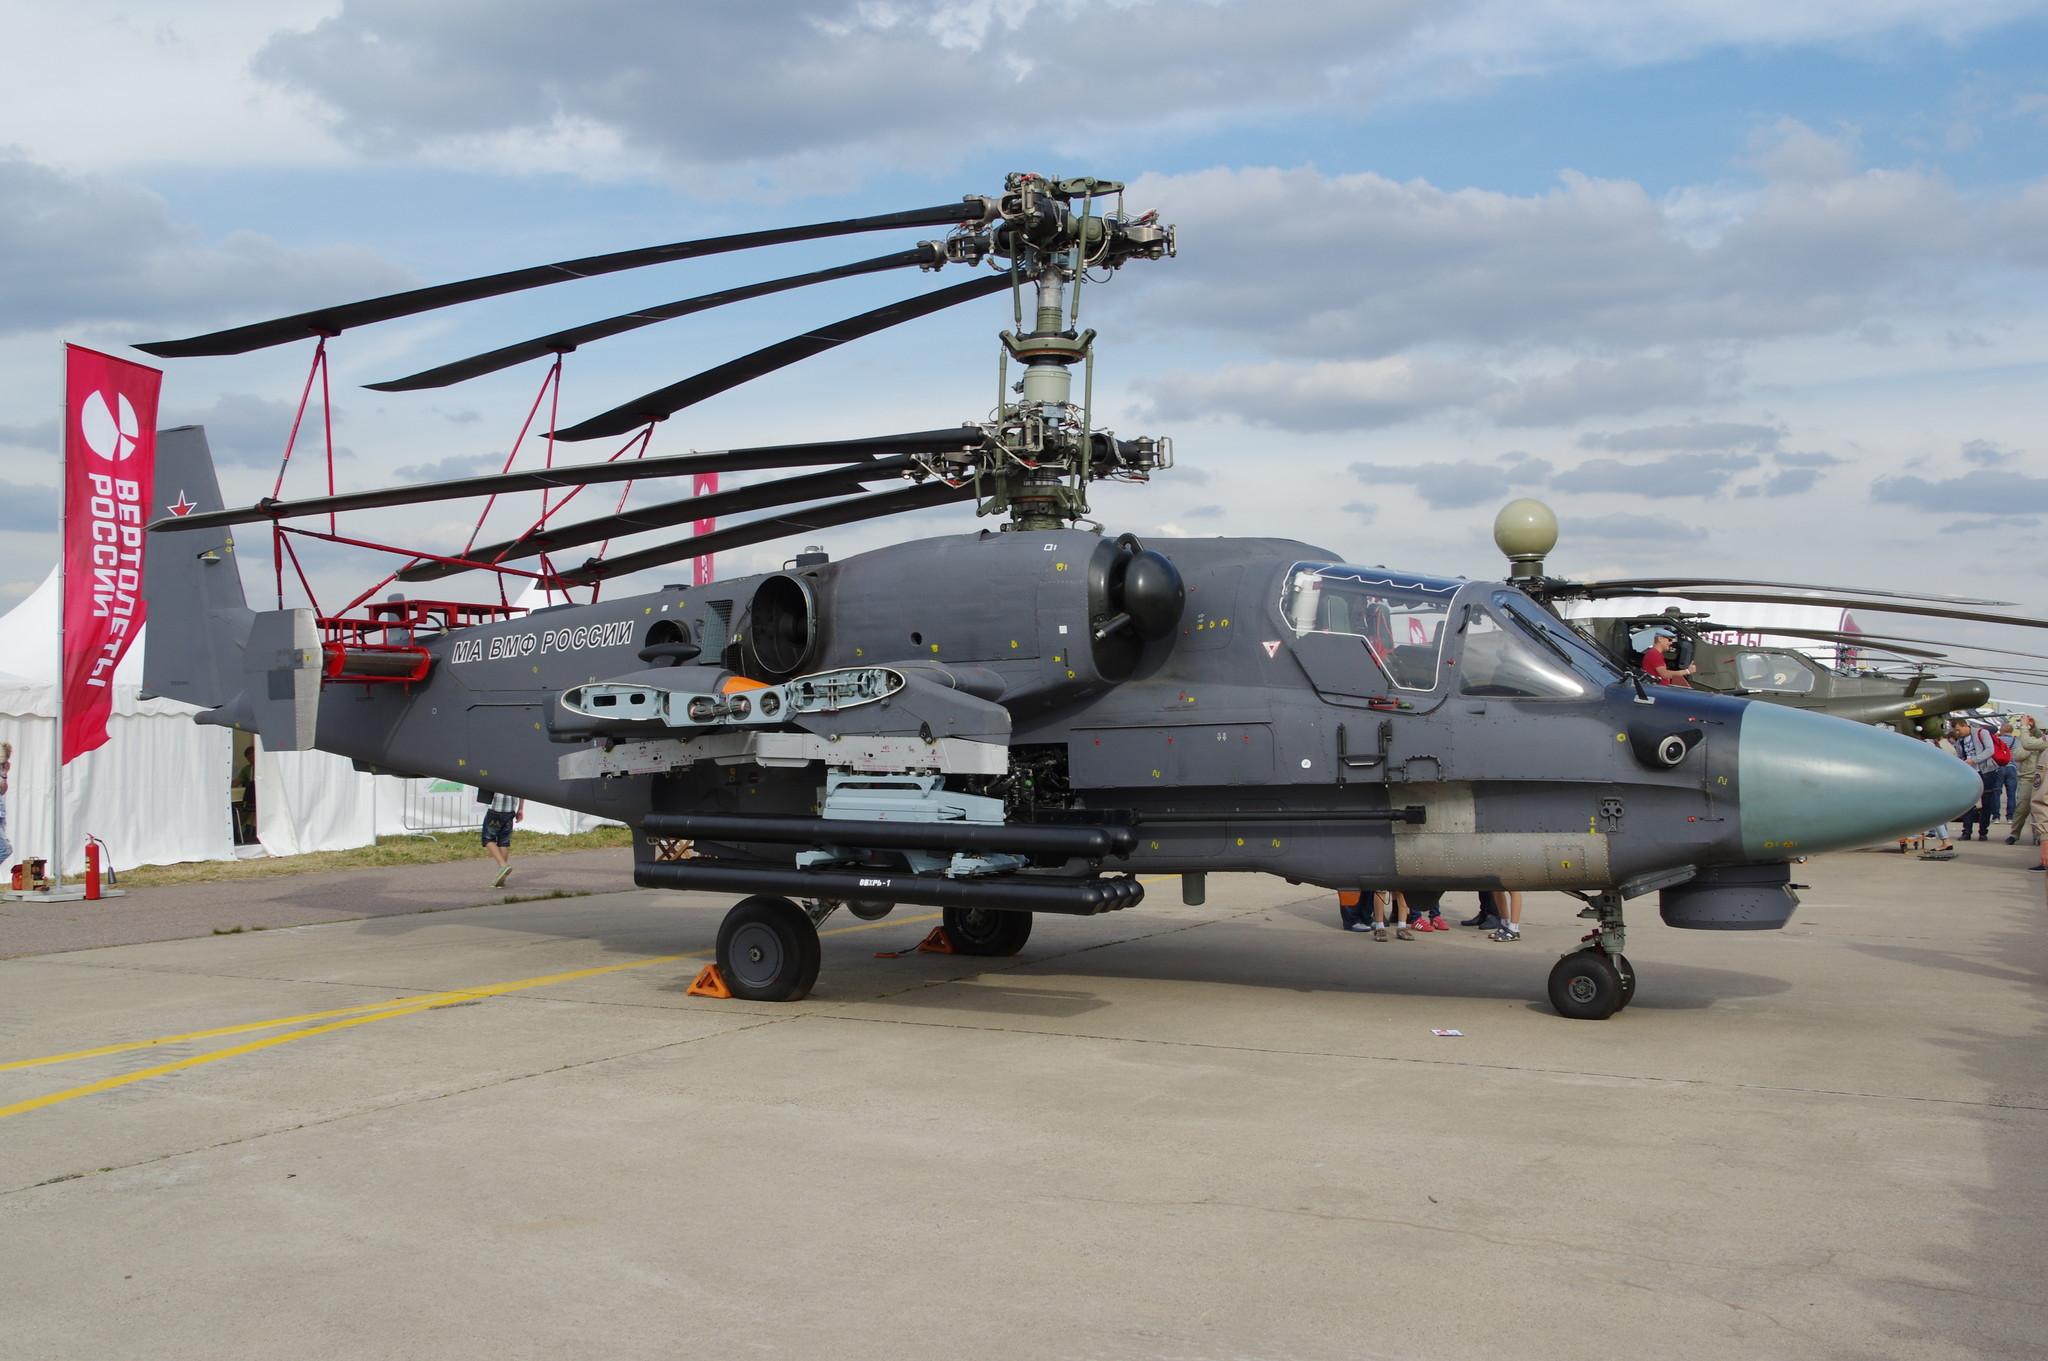 На МАКС-2015 впервые публично представили палубную версию Ка-52К (неофициальное название «Катран») ударного вертолёта Ка-52 «Аллигатор»